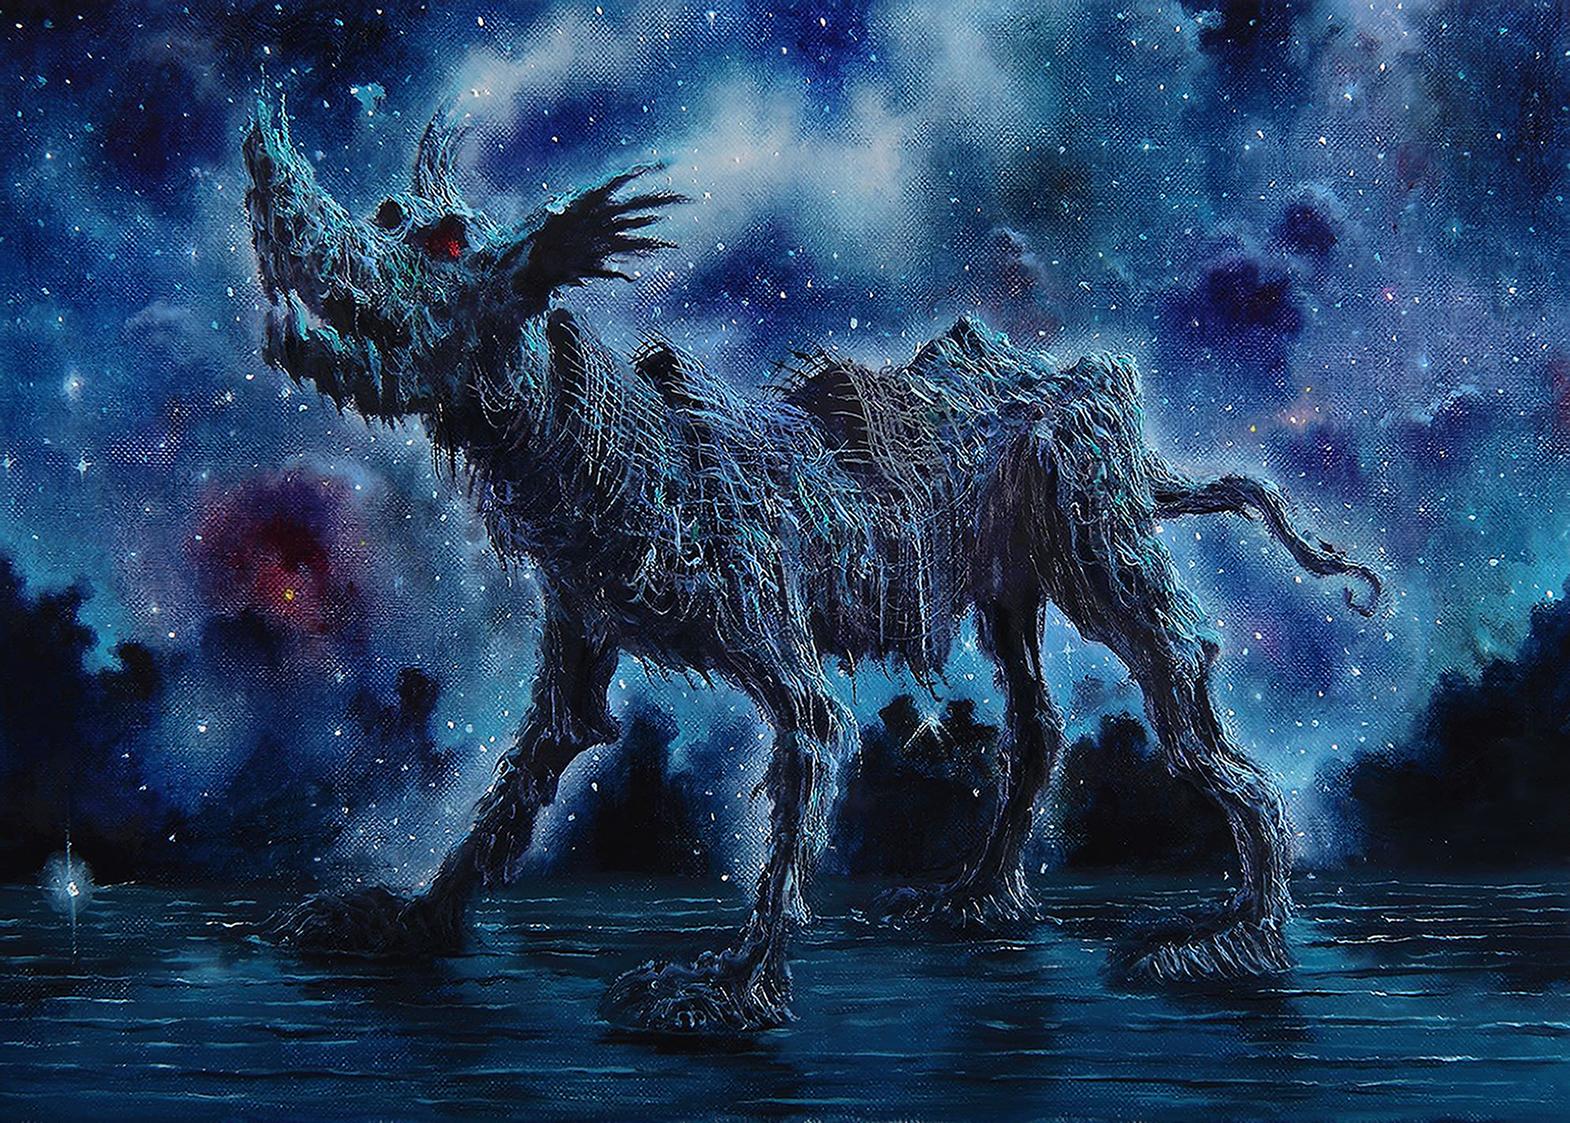 Fulvio-di-Piazza-Howling-Universe